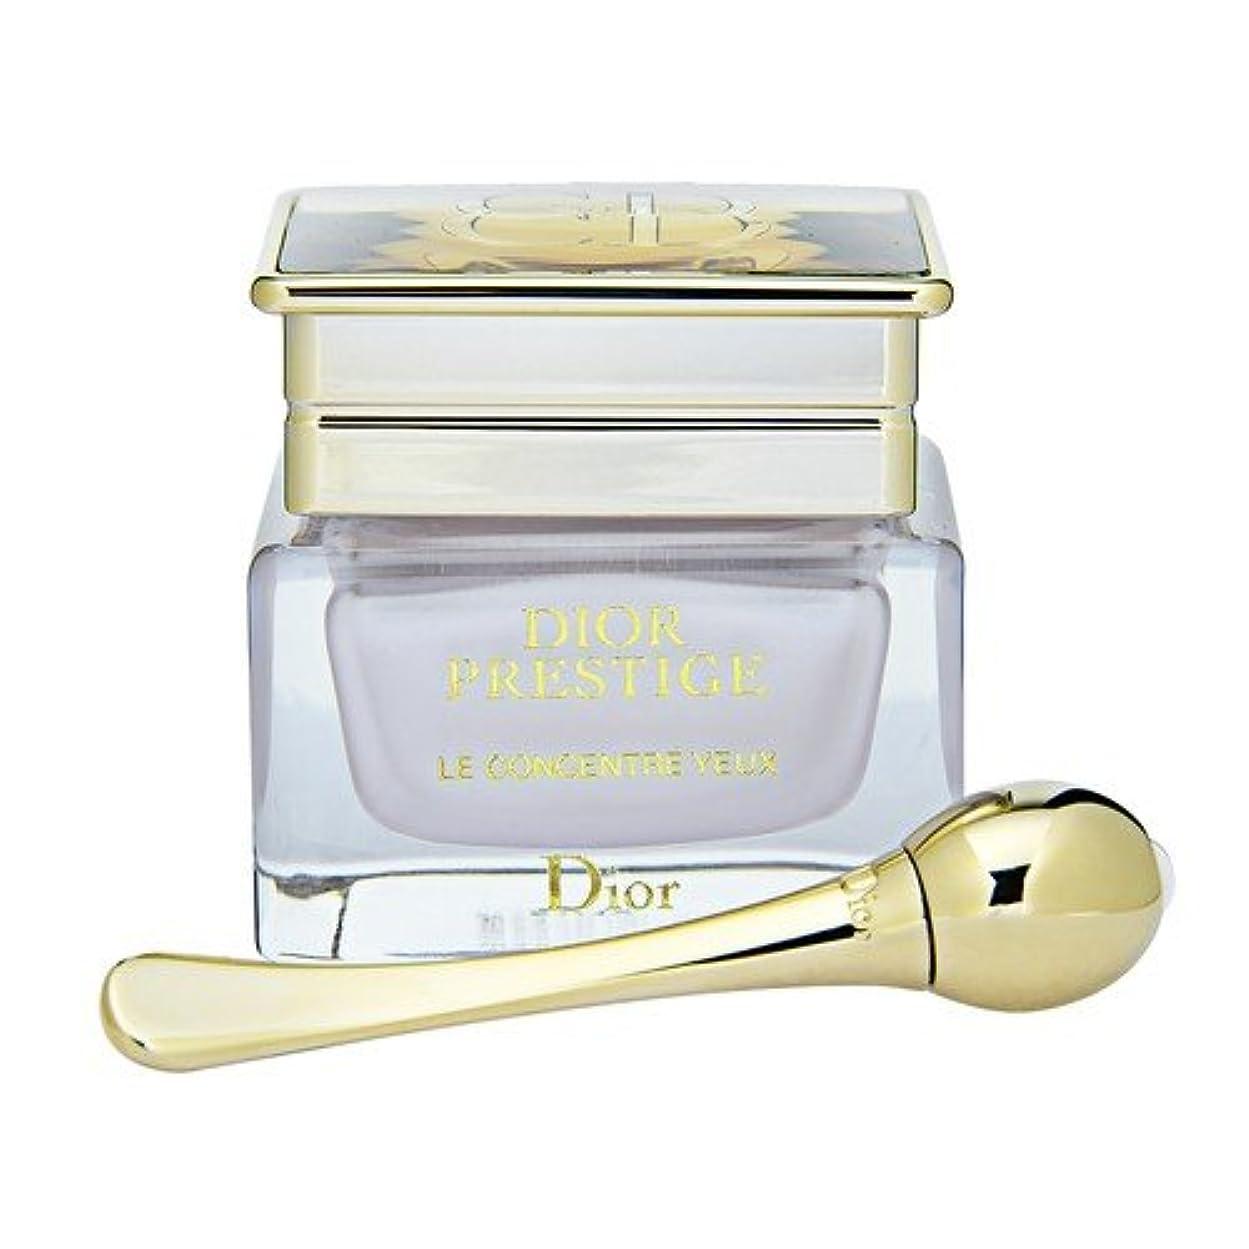 衝突する実り多い弾力性のあるクリスチャン ディオール(Christian Dior) プレステージ ル コンサントレ ユー 15ml[並行輸入品]